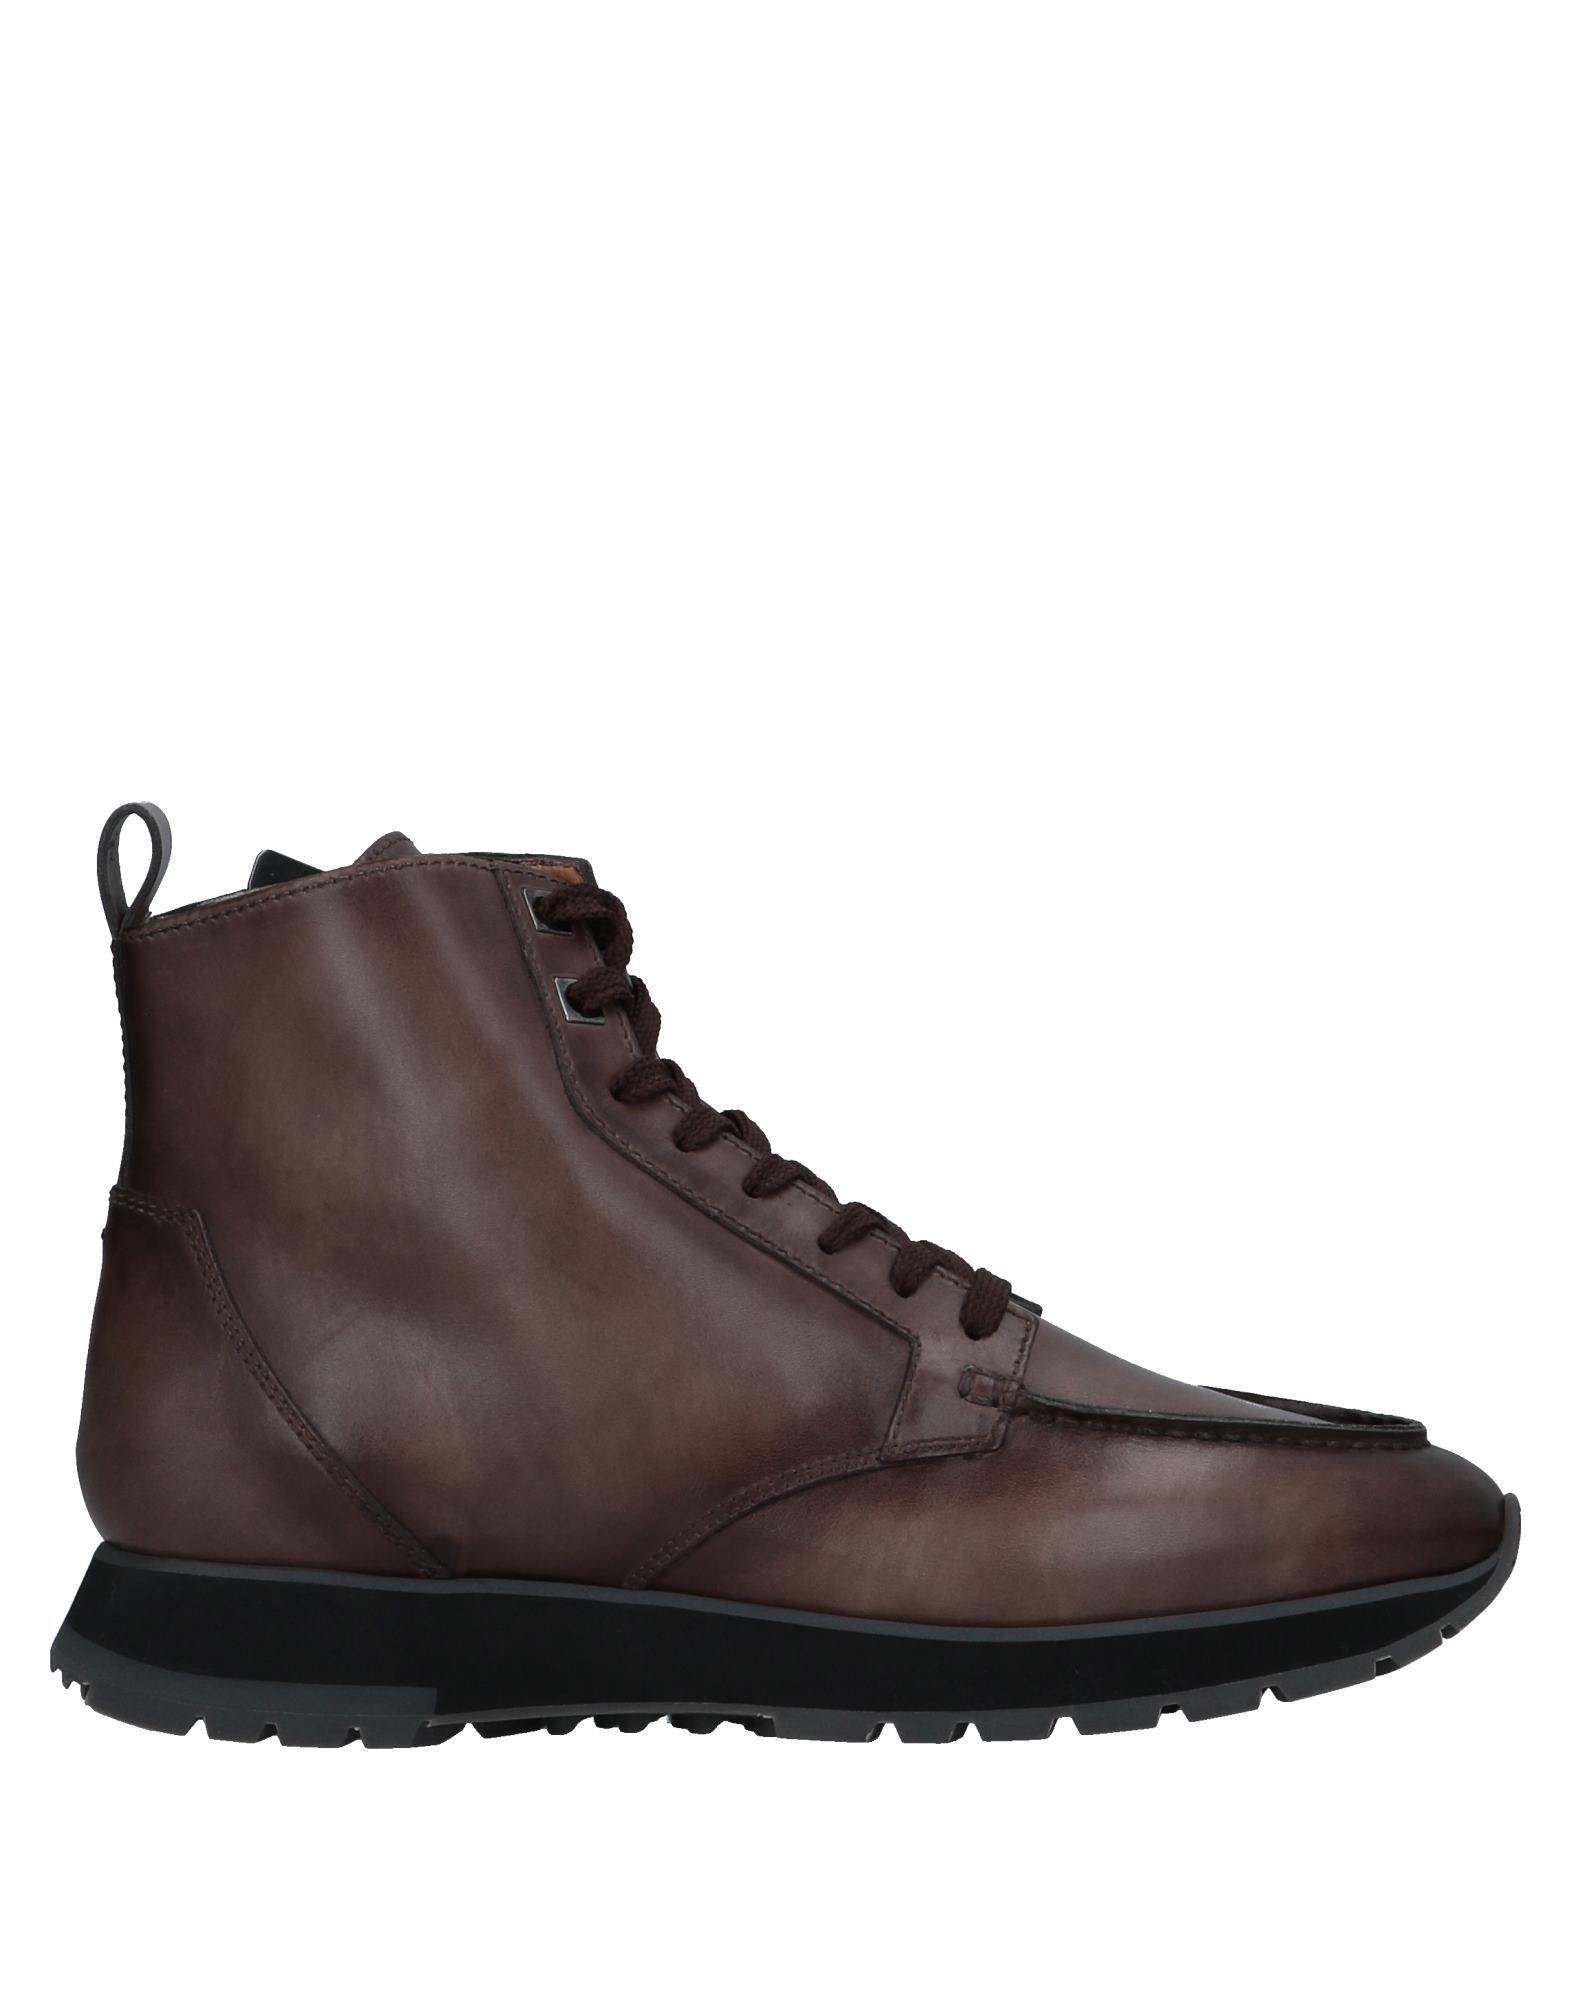 Santoni Stiefelette Herren  11541277XL Gute Qualität beliebte Schuhe